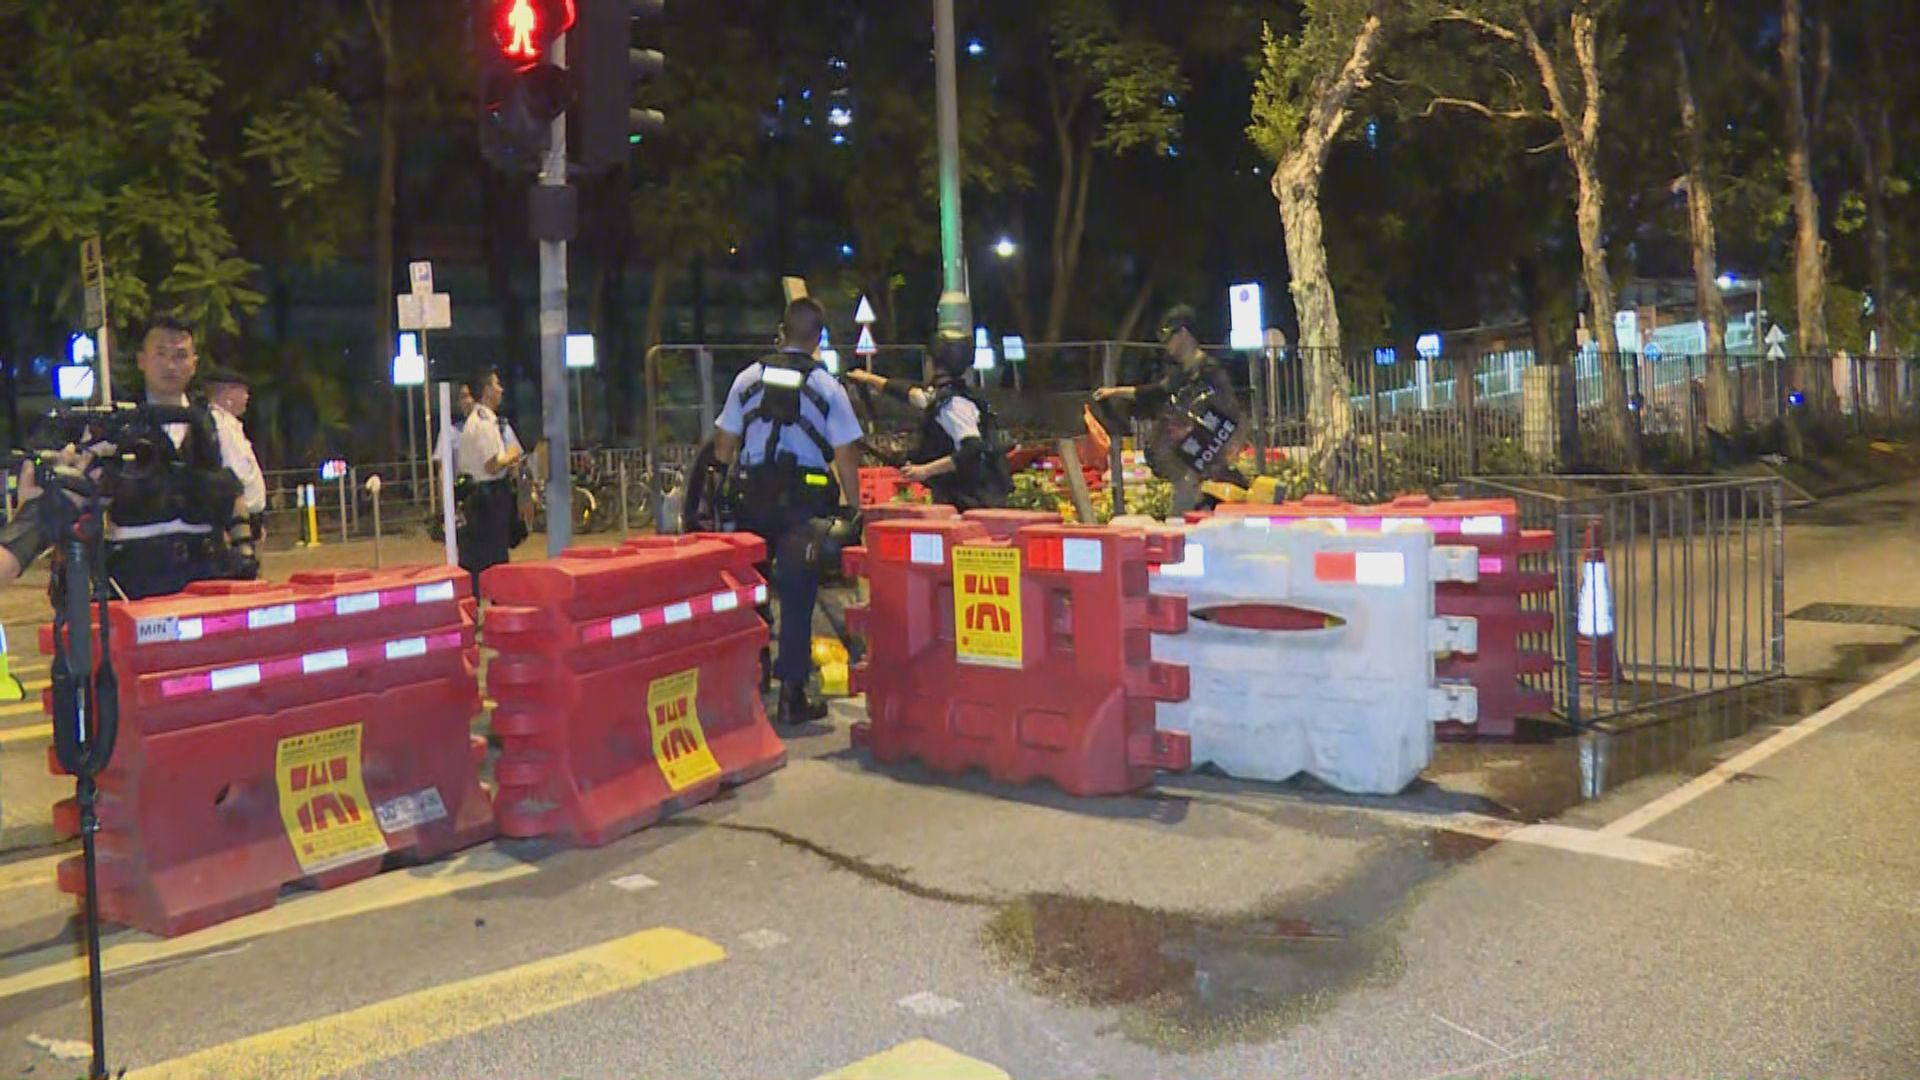 警員清理示威者設置路障 重新開通道路